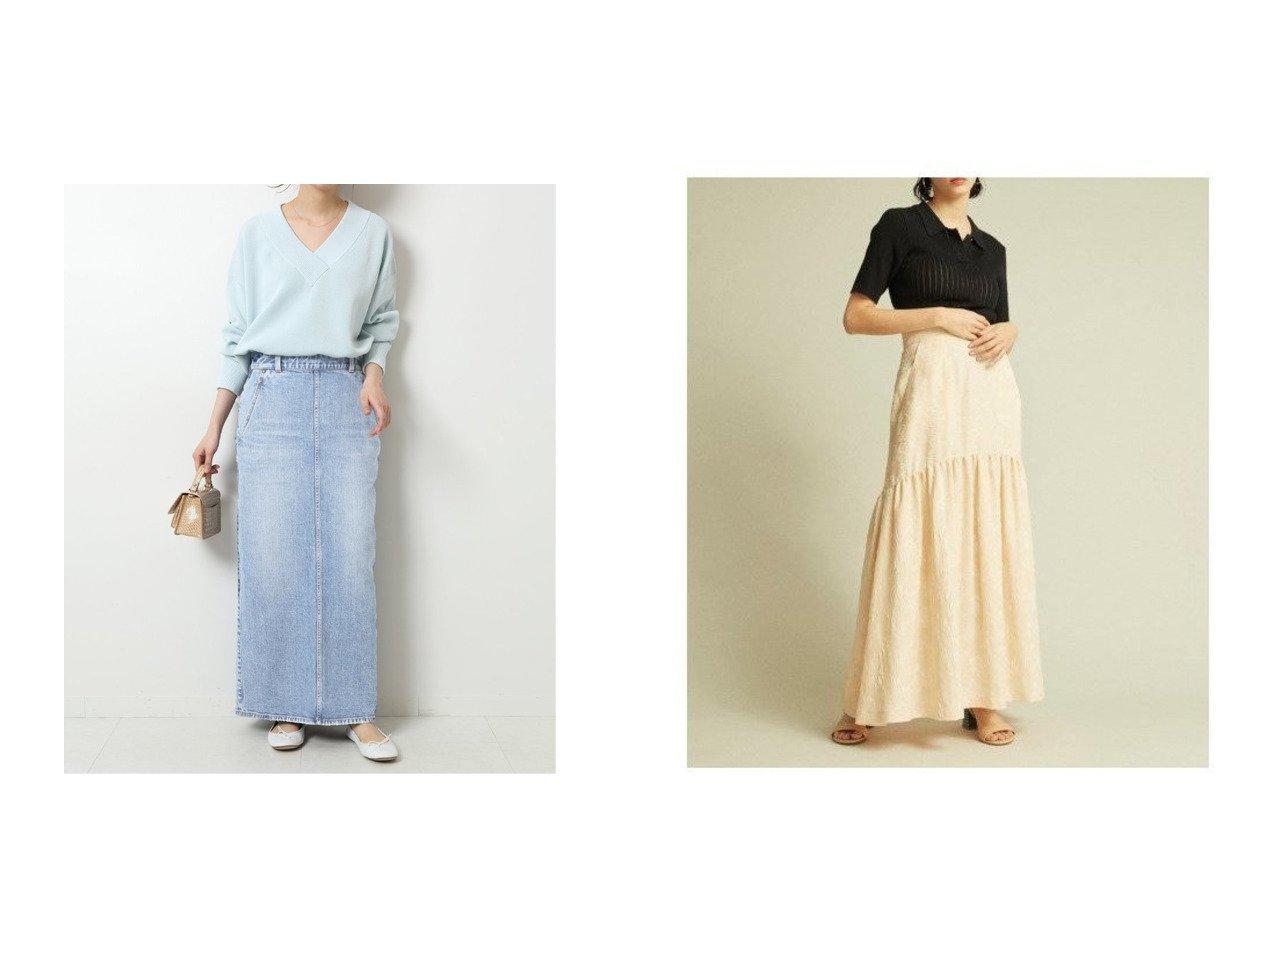 【Lily Brown/リリーブラウン】のフラワージャガードスカート&【Spick & Span/スピック&スパン】の【RED CARD】別注マキシスカート 【スカート】おすすめ!人気、トレンド・レディースファッションの通販 おすすめで人気の流行・トレンド、ファッションの通販商品 メンズファッション・キッズファッション・インテリア・家具・レディースファッション・服の通販 founy(ファニー) https://founy.com/ ファッション Fashion レディースファッション WOMEN スカート Skirt ギャザー ジャカード バランス フラワー フレア ポケット ロング スリット デニム フラット 別注 マキシ ミックス 2021年 2021 再入荷 Restock/Back in Stock/Re Arrival S/S・春夏 SS・Spring/Summer 2021春夏・S/S SS/Spring/Summer/2021 日本製 Made in Japan |ID:crp329100000035435